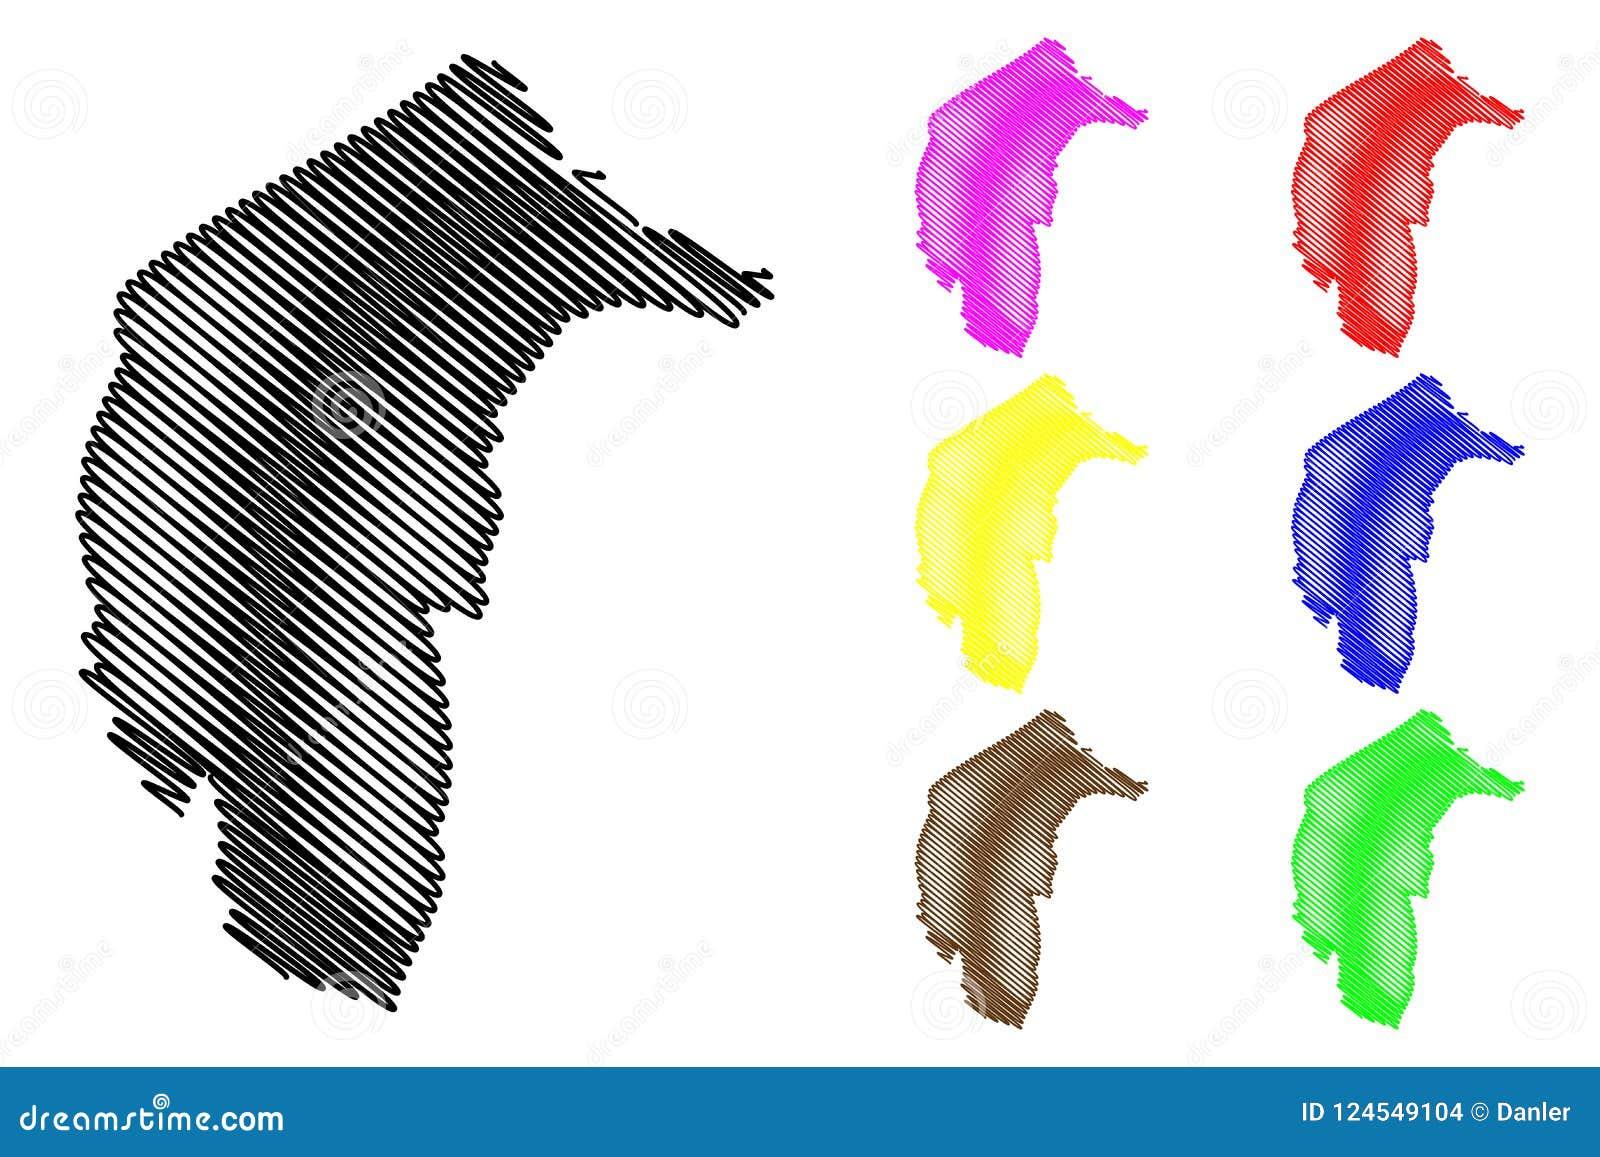 Australian Capital Territory map vector